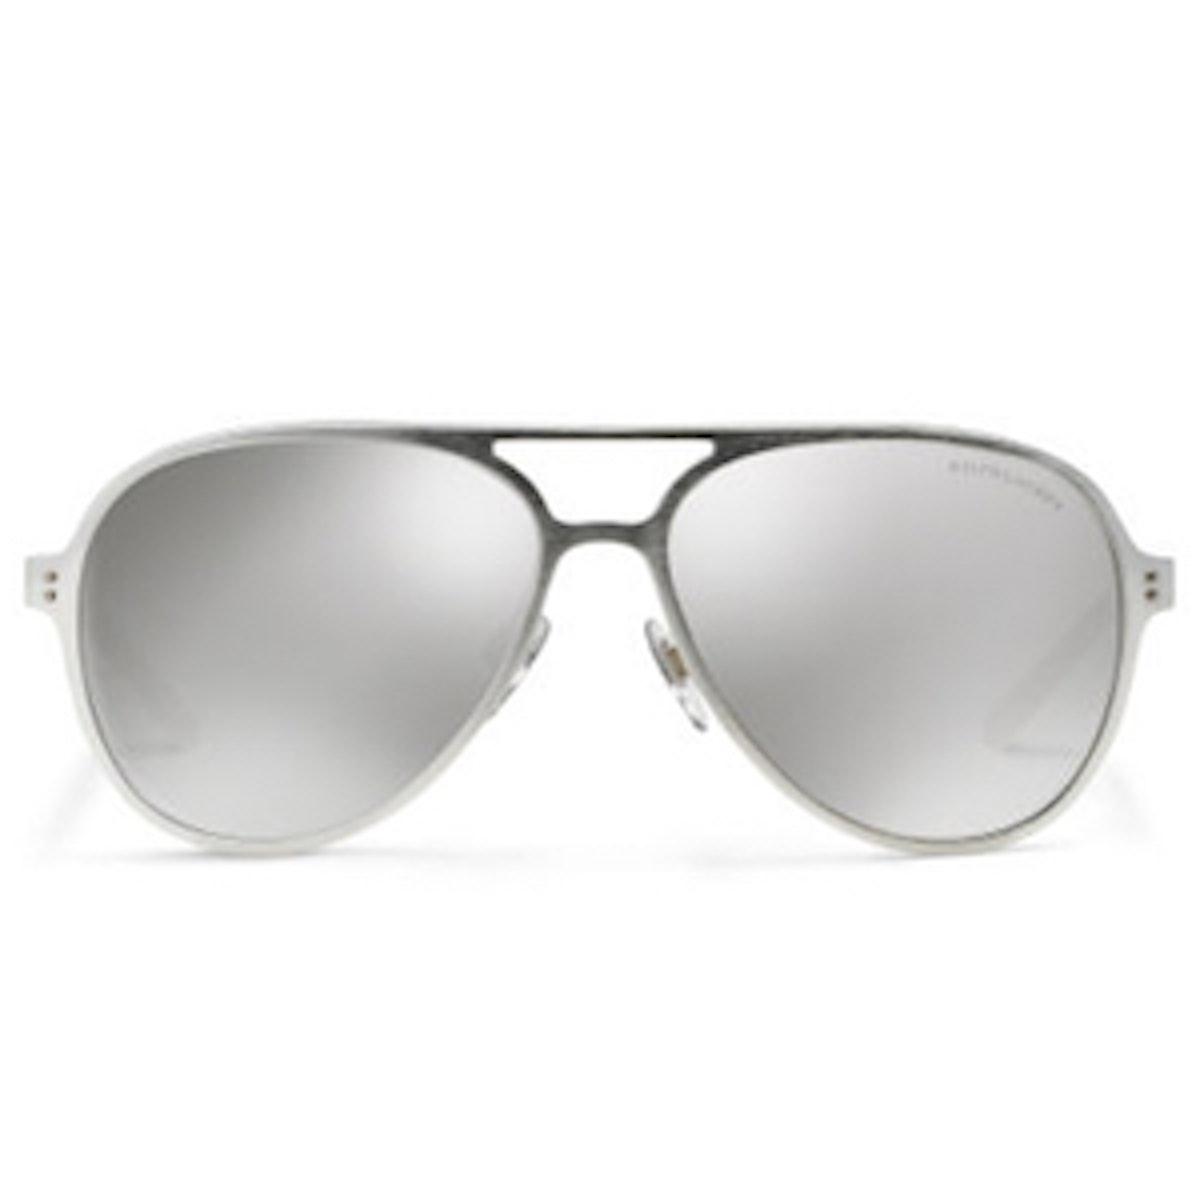 Aluminum Driving Sunglasses